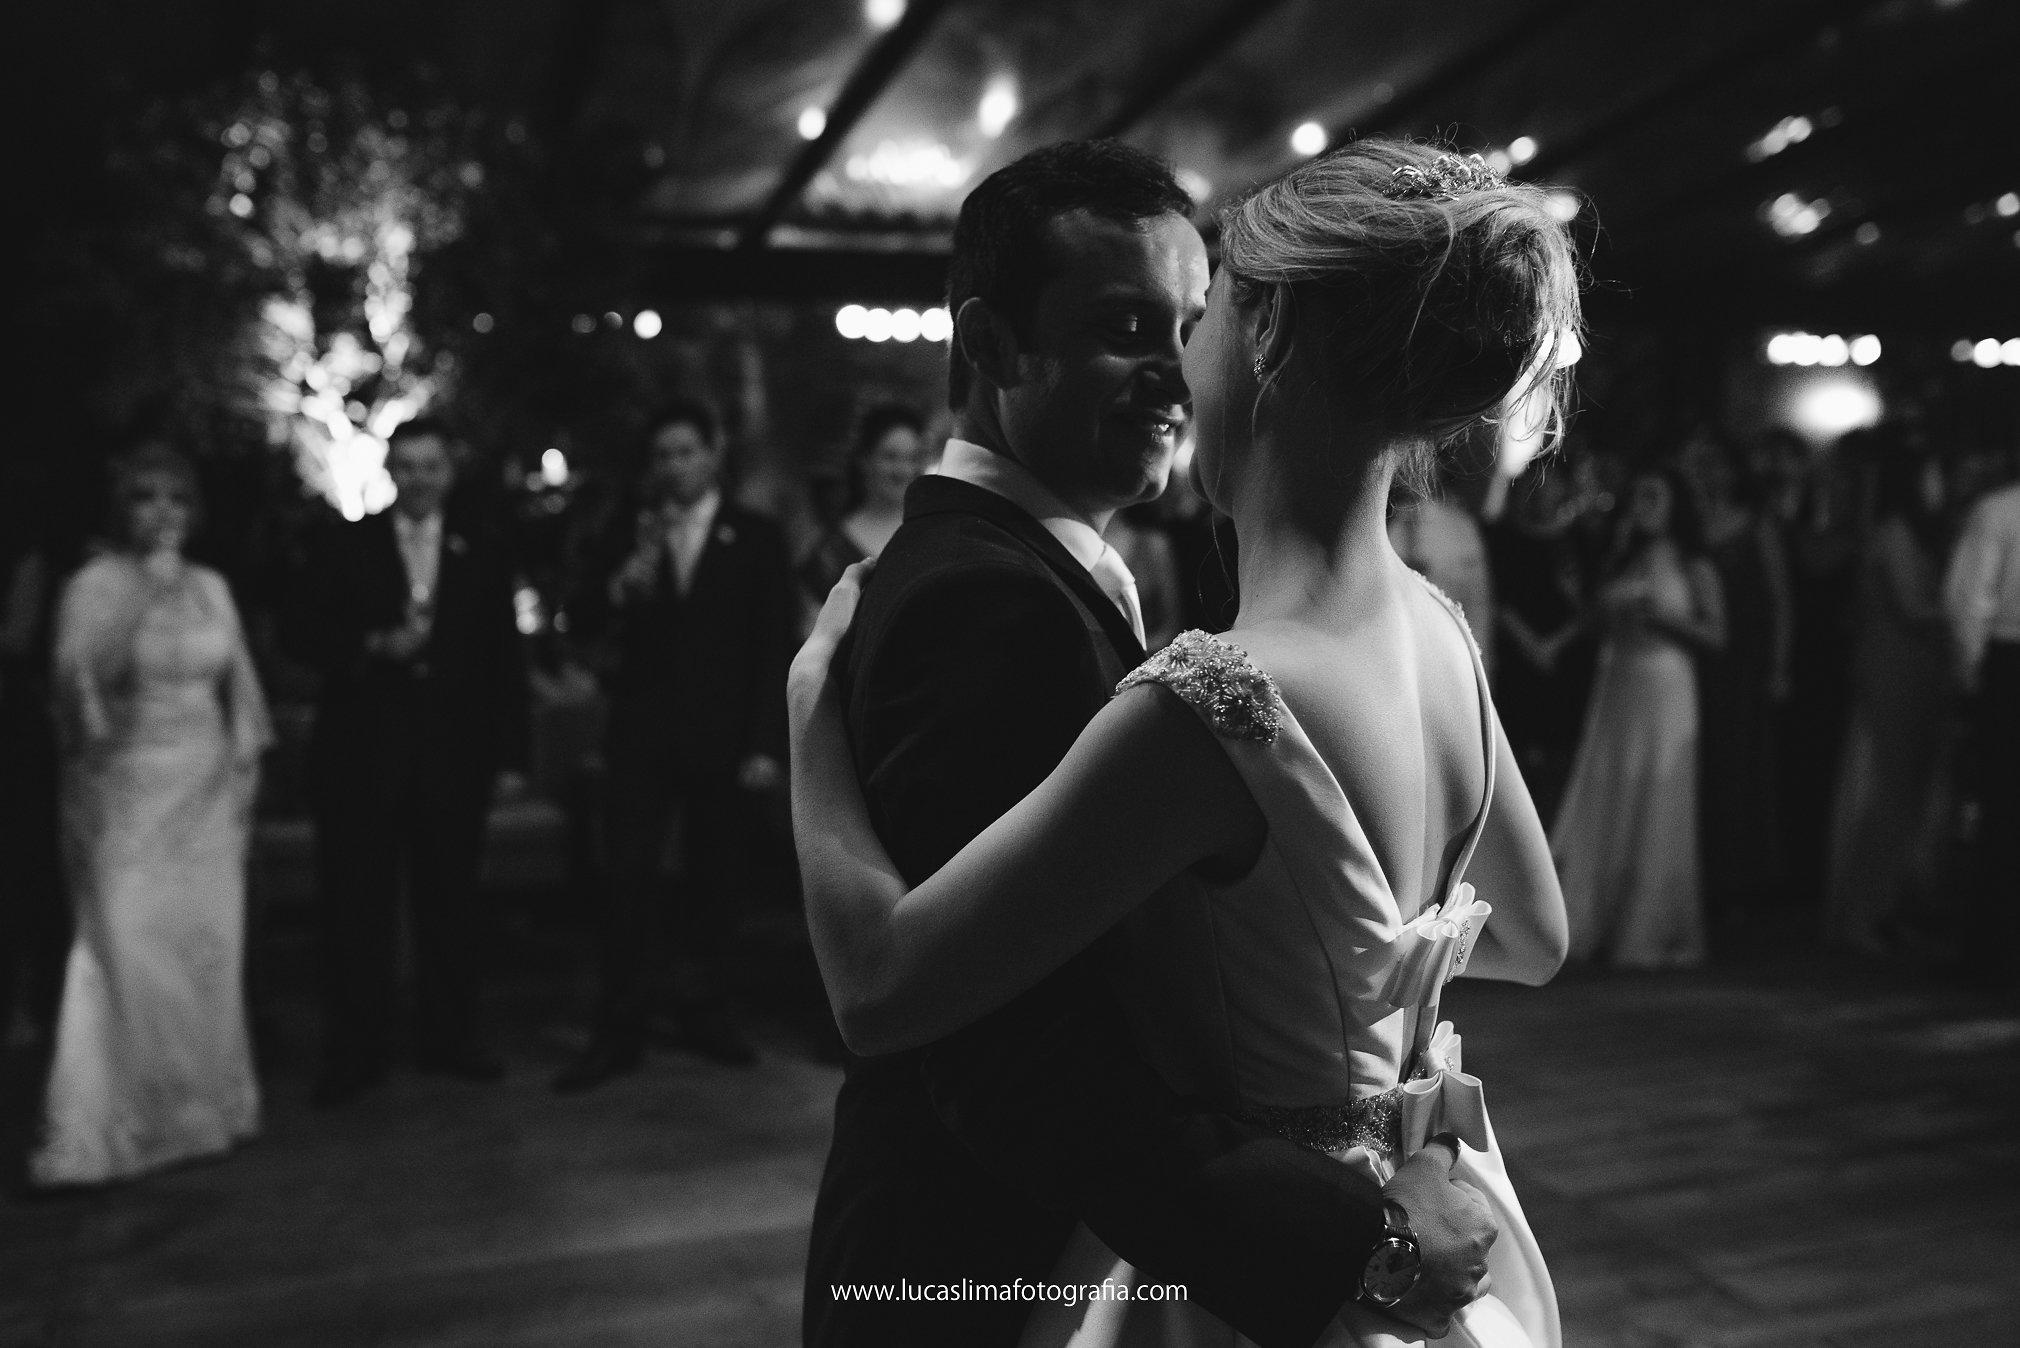 casamento-flavia-e-thomas-lucaslimafotografia-175